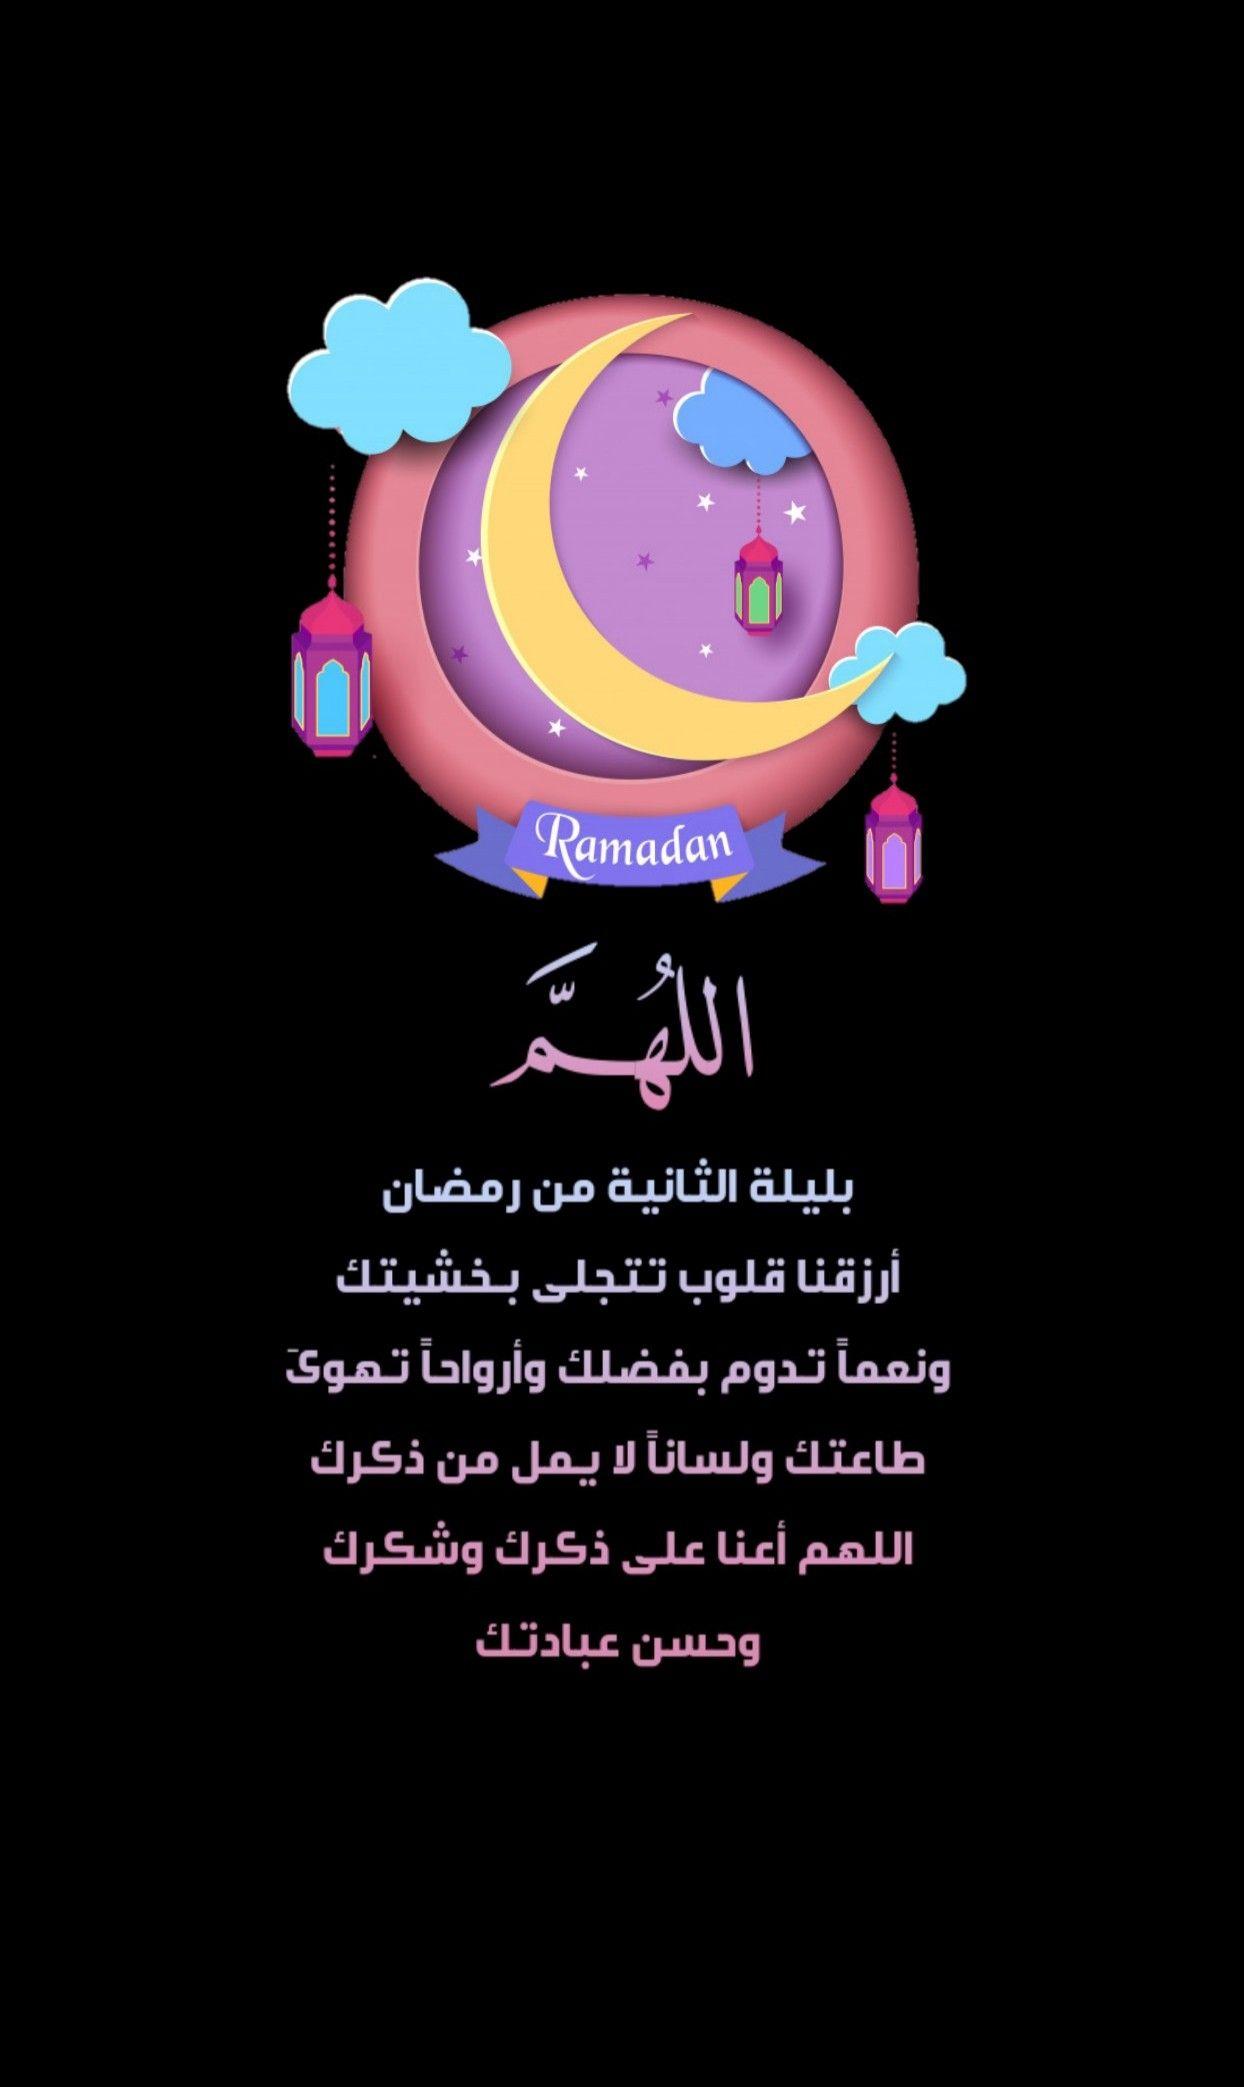 الله م بليلة الثانية من رمضان أرزقنا قلوب تتجلى بـخشيتك ونعما تدوم بفضلك وأرواحا تهوى طاعتك ولسان Ramadan Kareem Pictures Ramadan Cards Ramadan Quotes